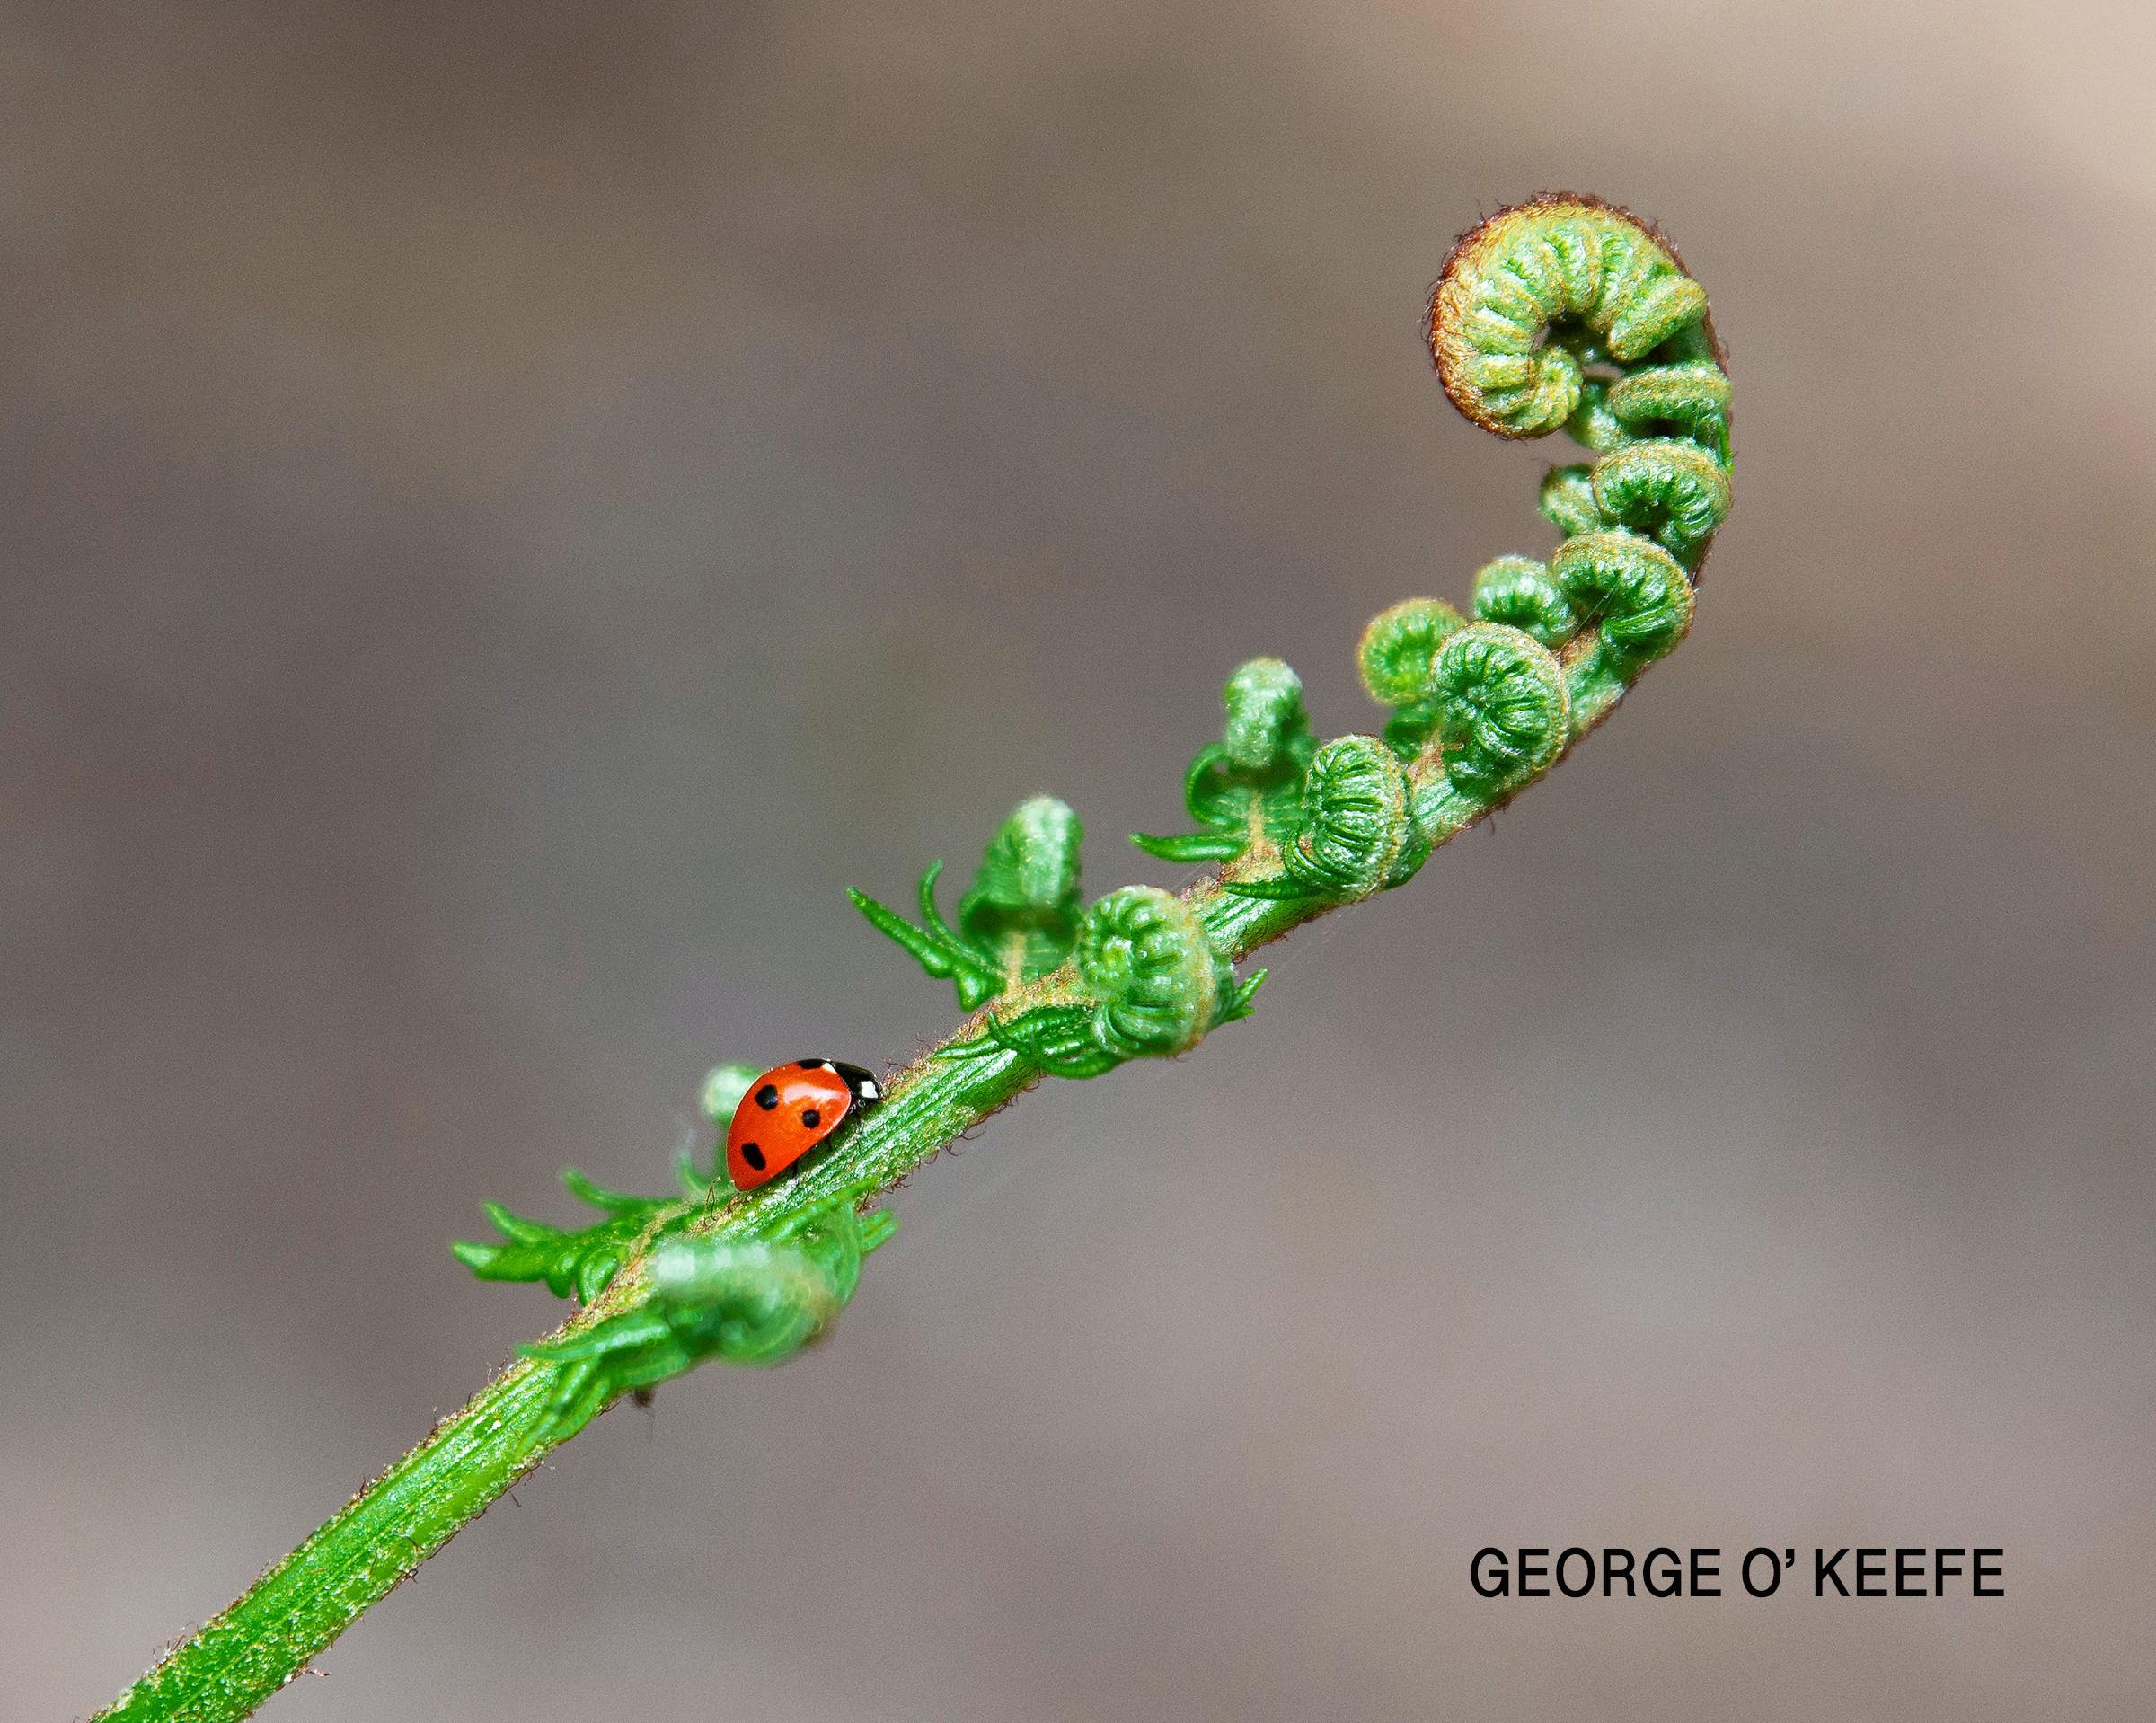 04 George O'Keeke FCC.jpg